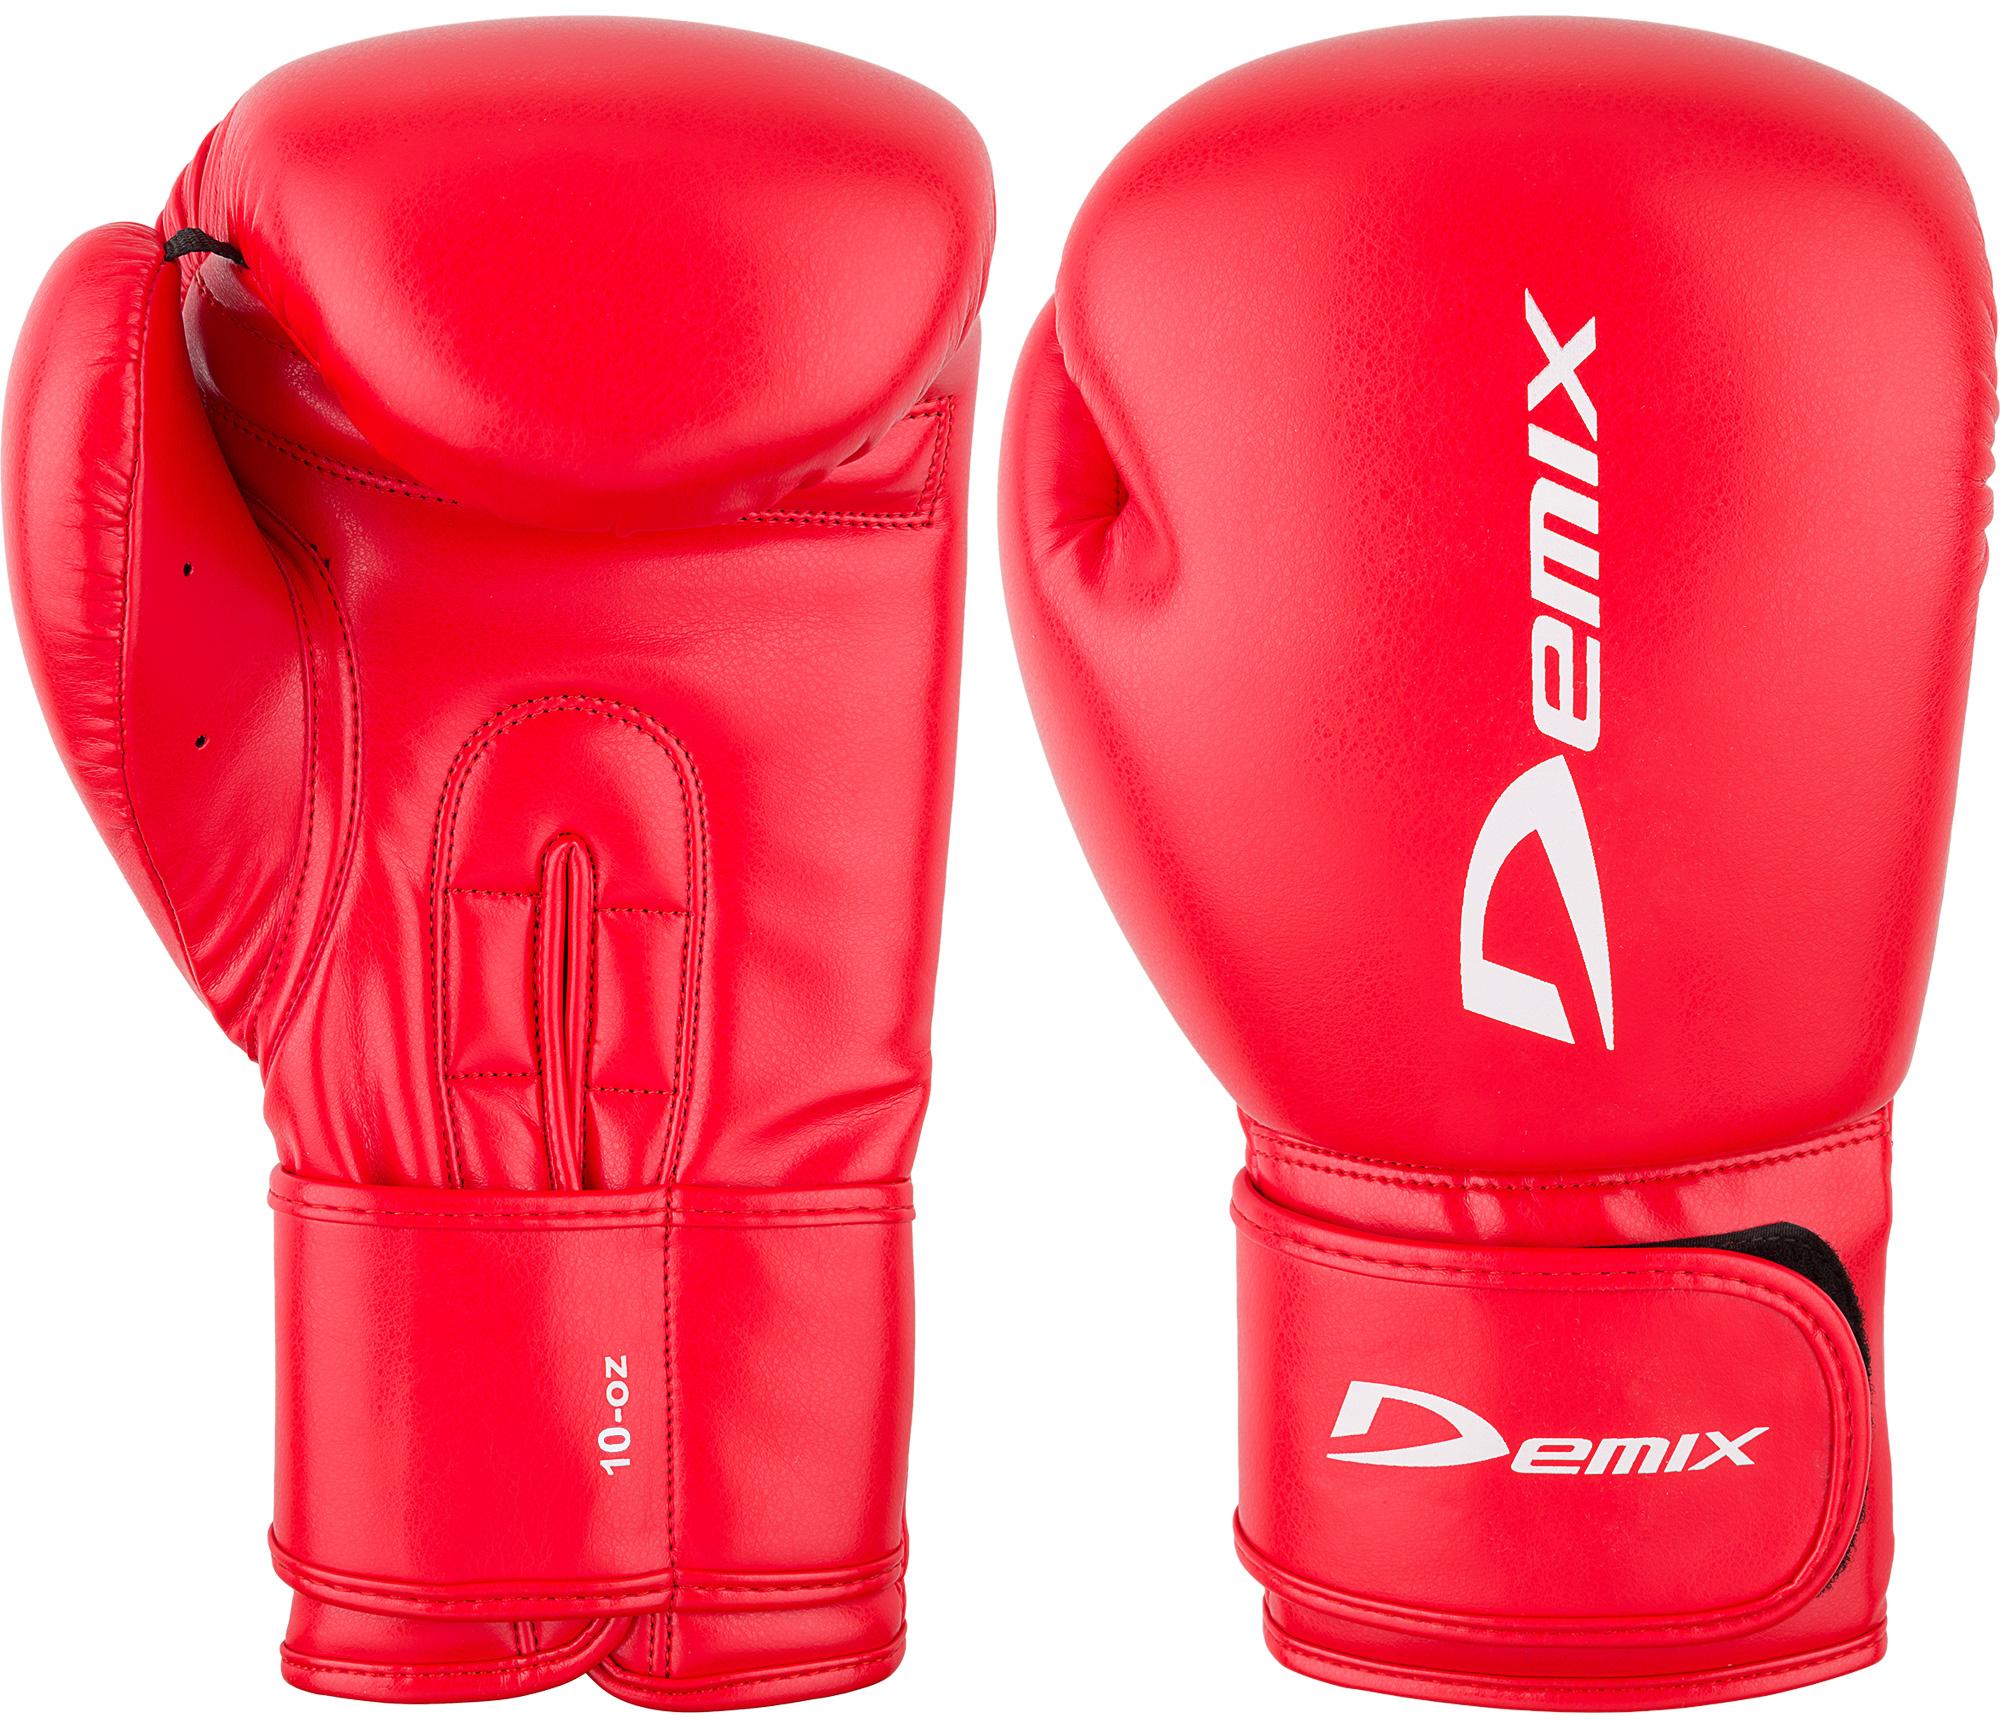 Demix Перчатки боксерские Demix, размер 14 oz цена